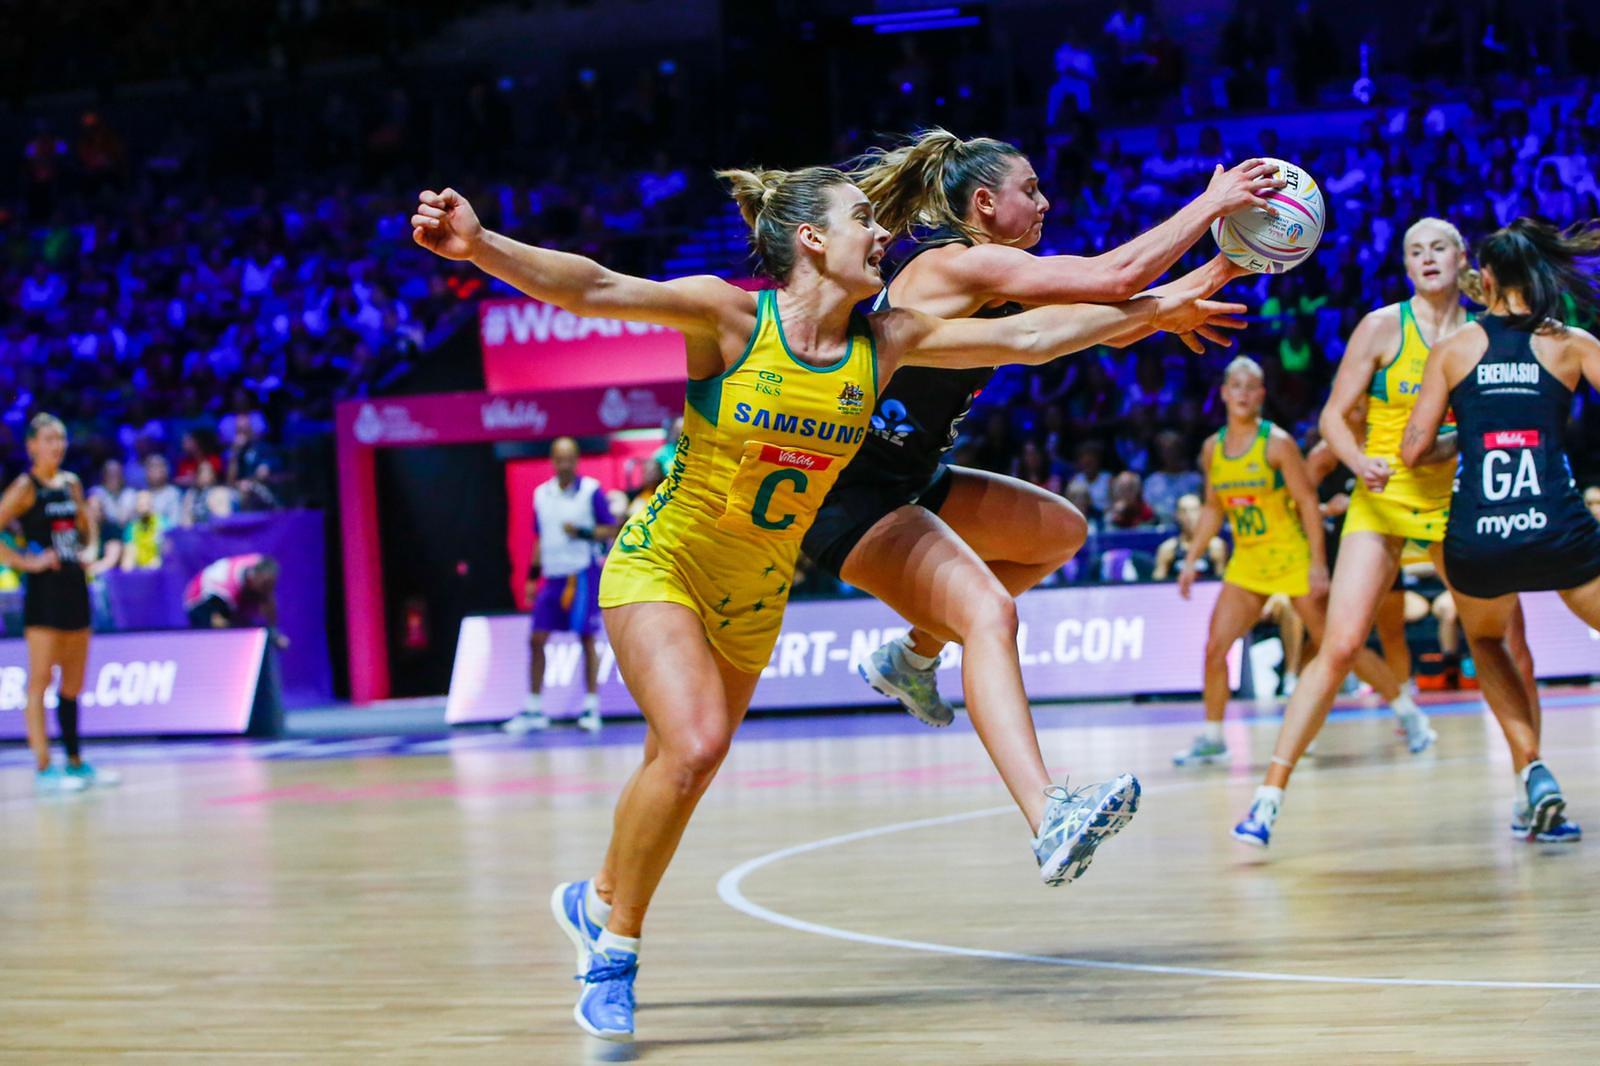 Liz Watson and Gina Crampton, Netball World Cup 2019, Diamonds v Silver Ferns